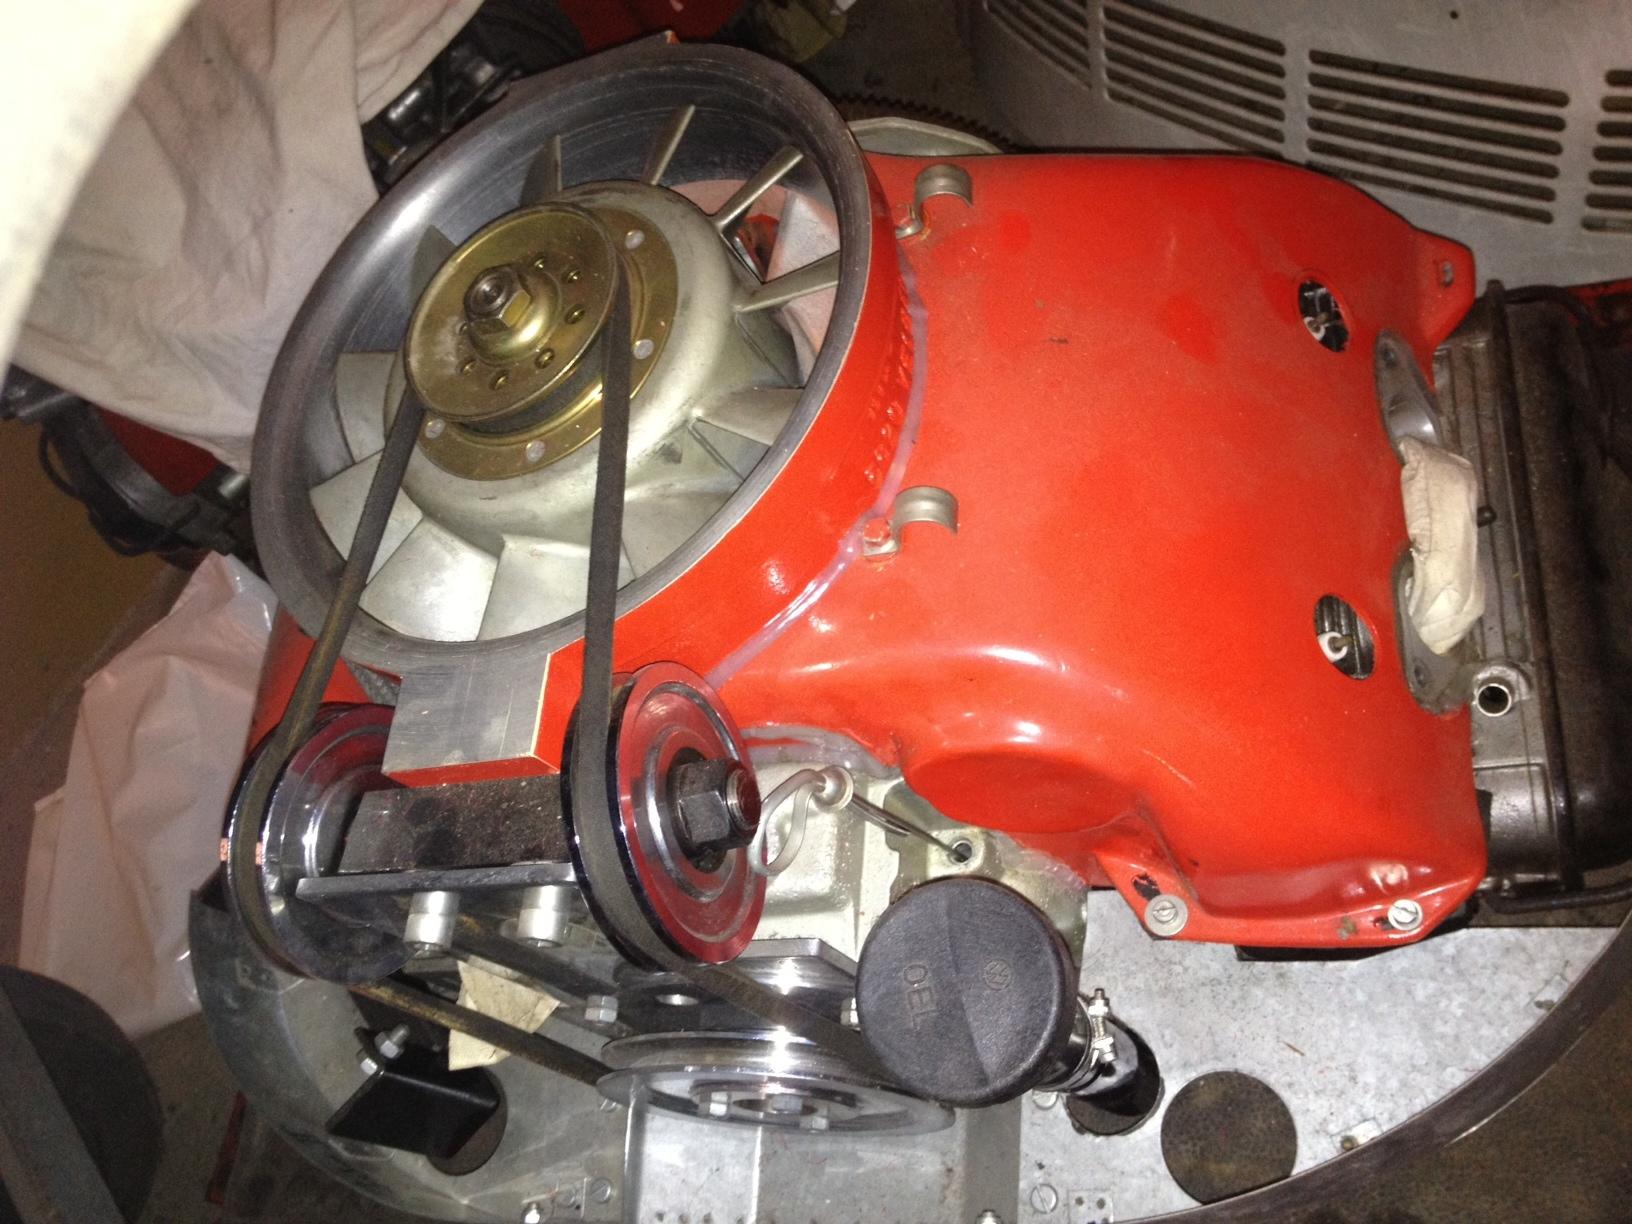 typ 4 motor im vintage speedster mit h kennzeichen. Black Bedroom Furniture Sets. Home Design Ideas